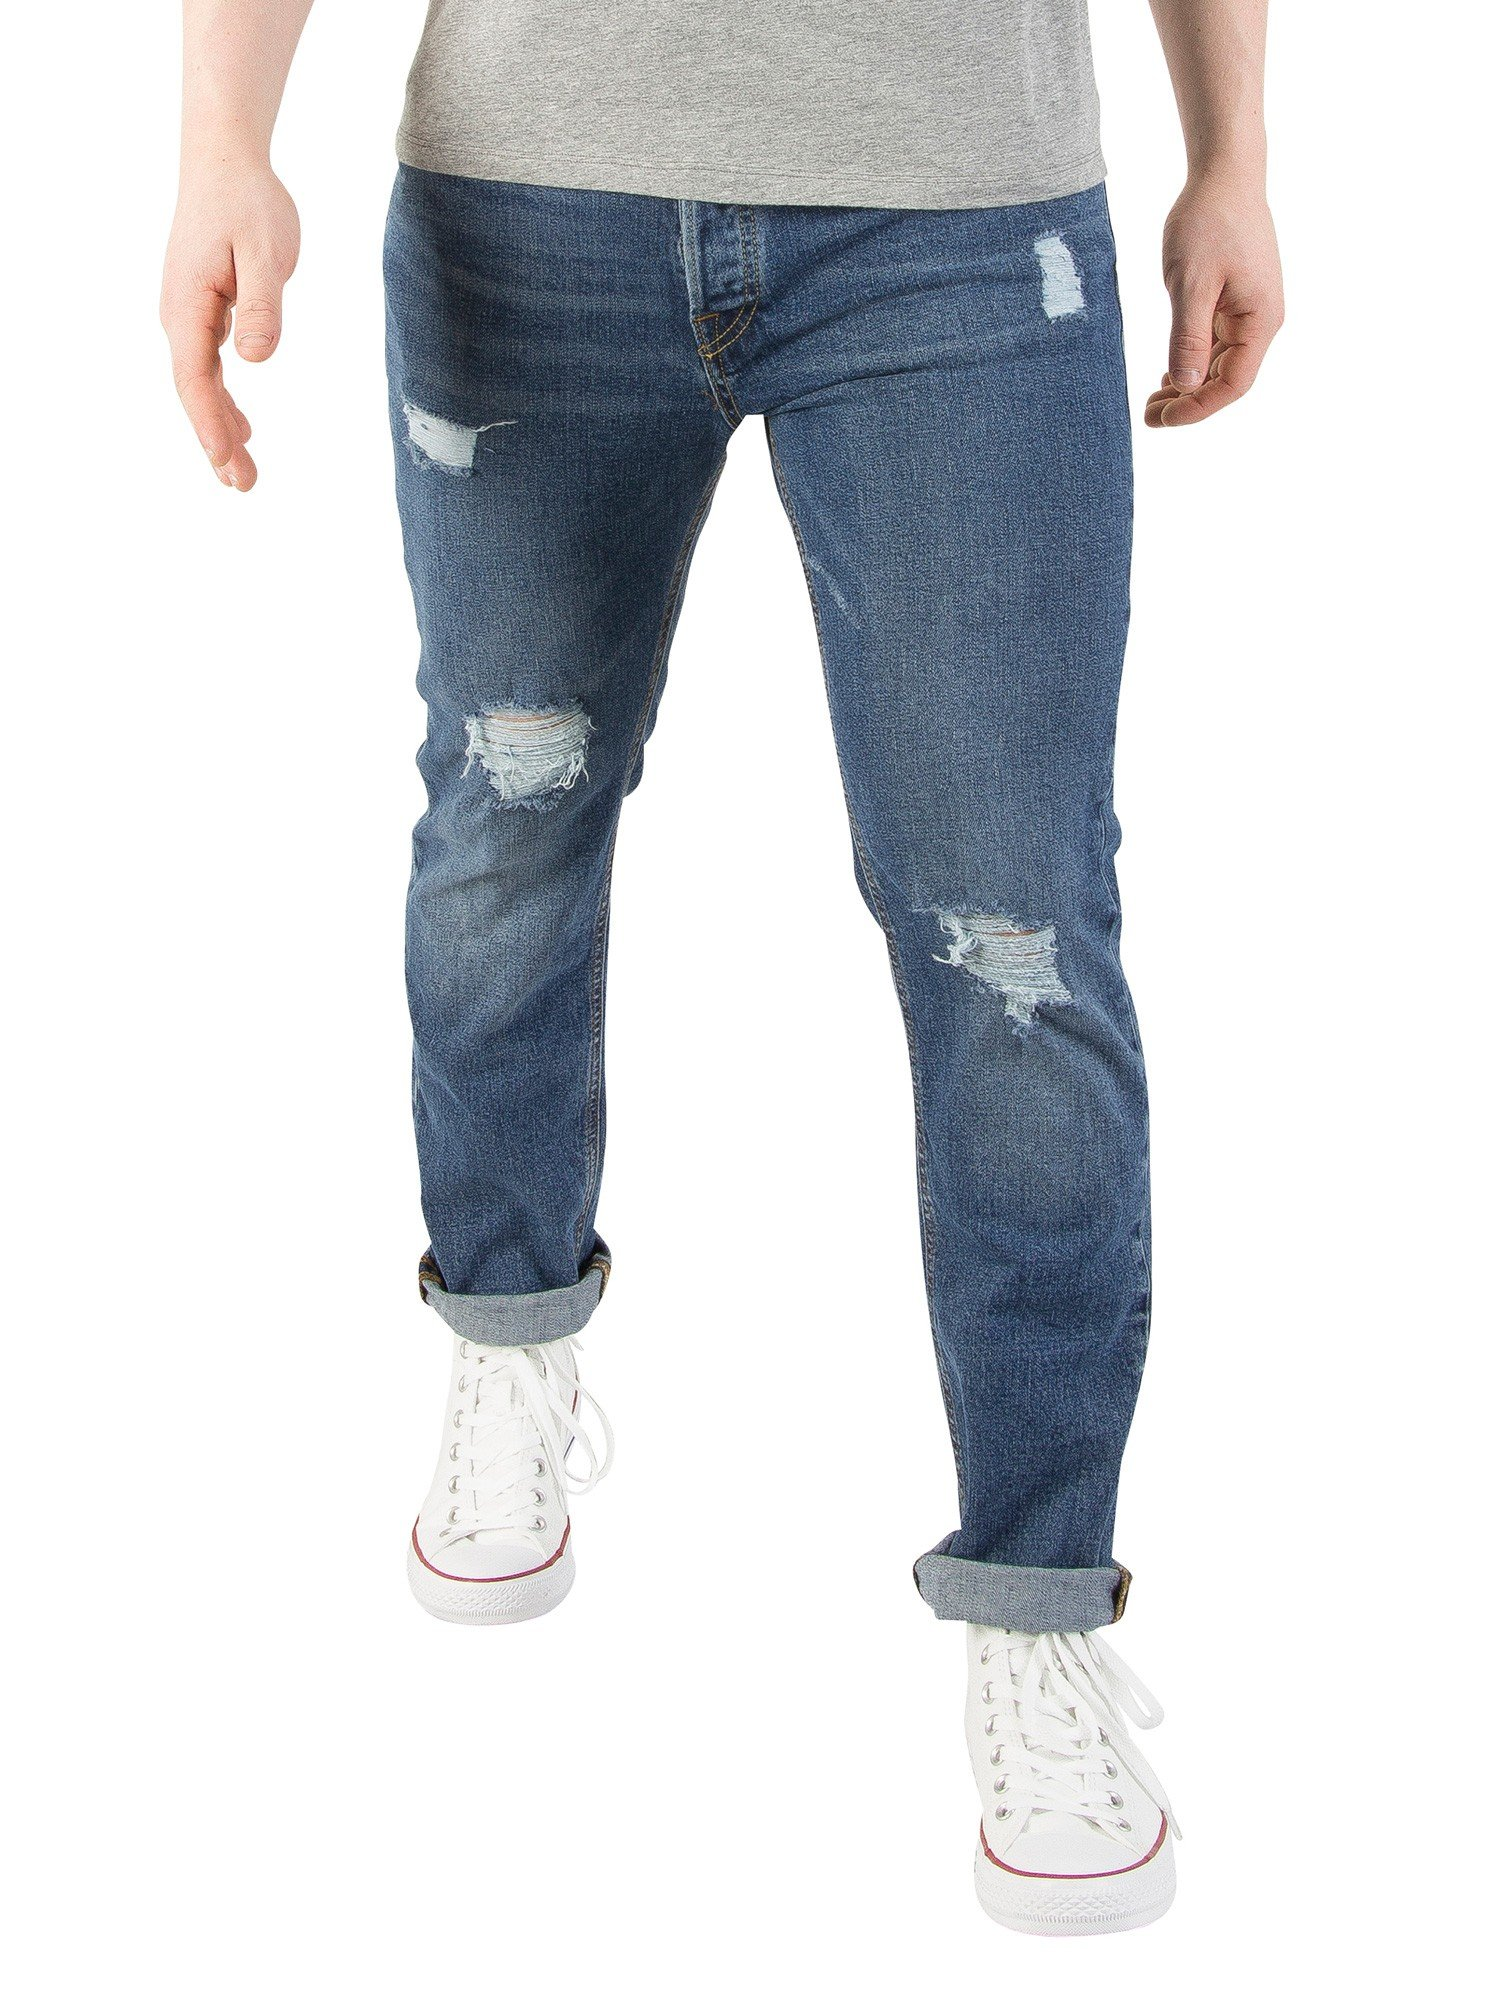 Jack & Jones Men's Tim Original 691 Slim Fit Jeans, Blue, 34W x 32L